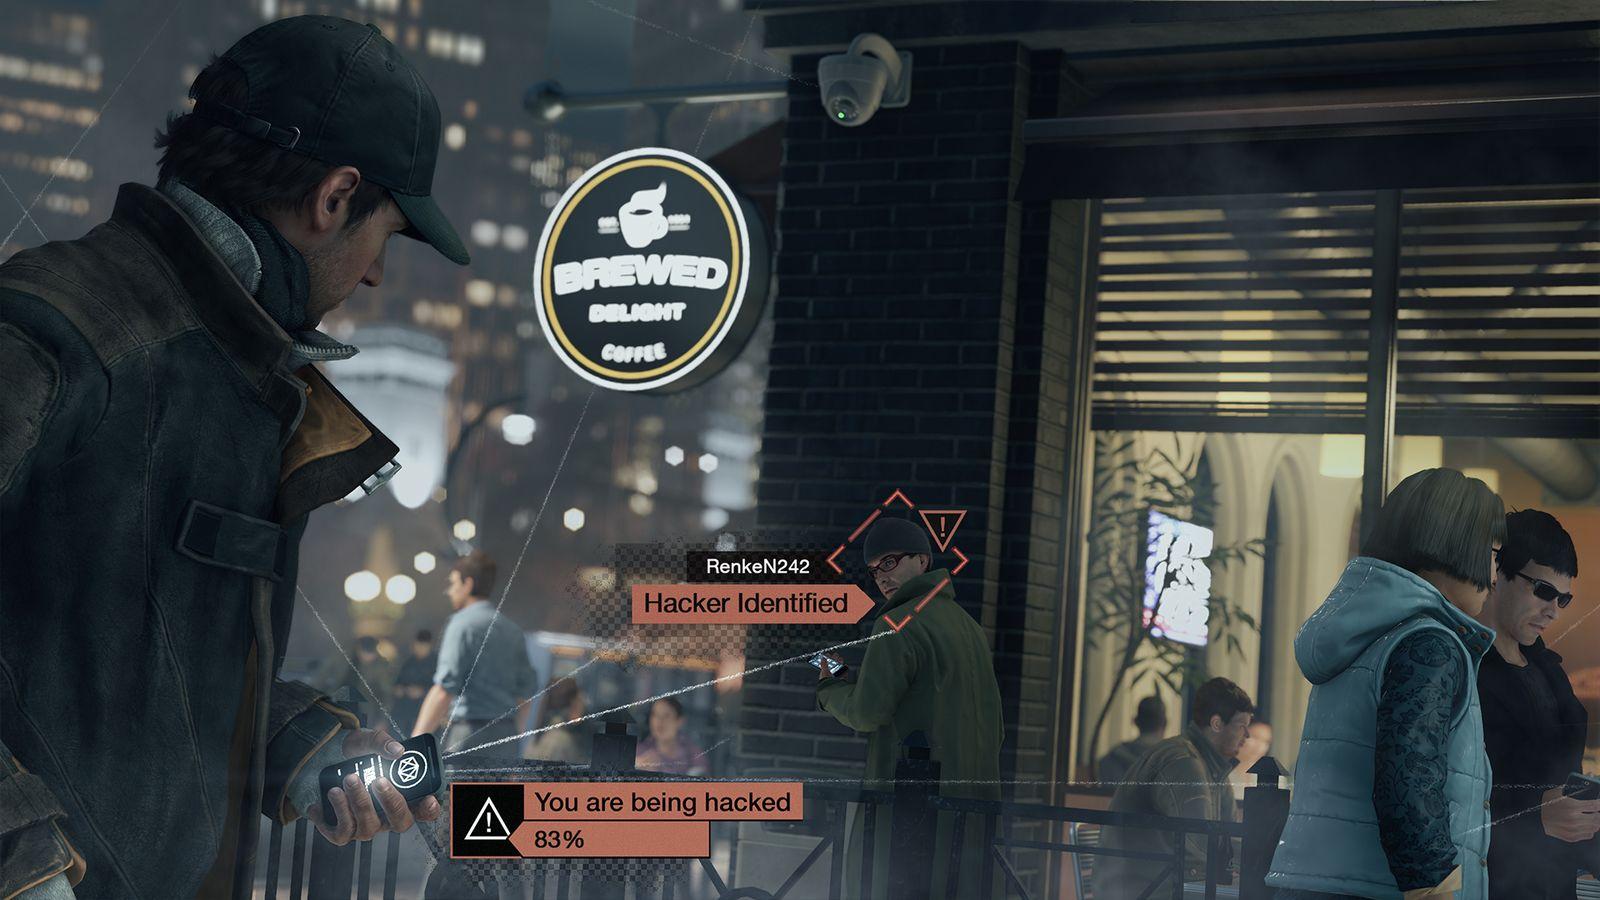 Ubisoft/ Watch Dogs